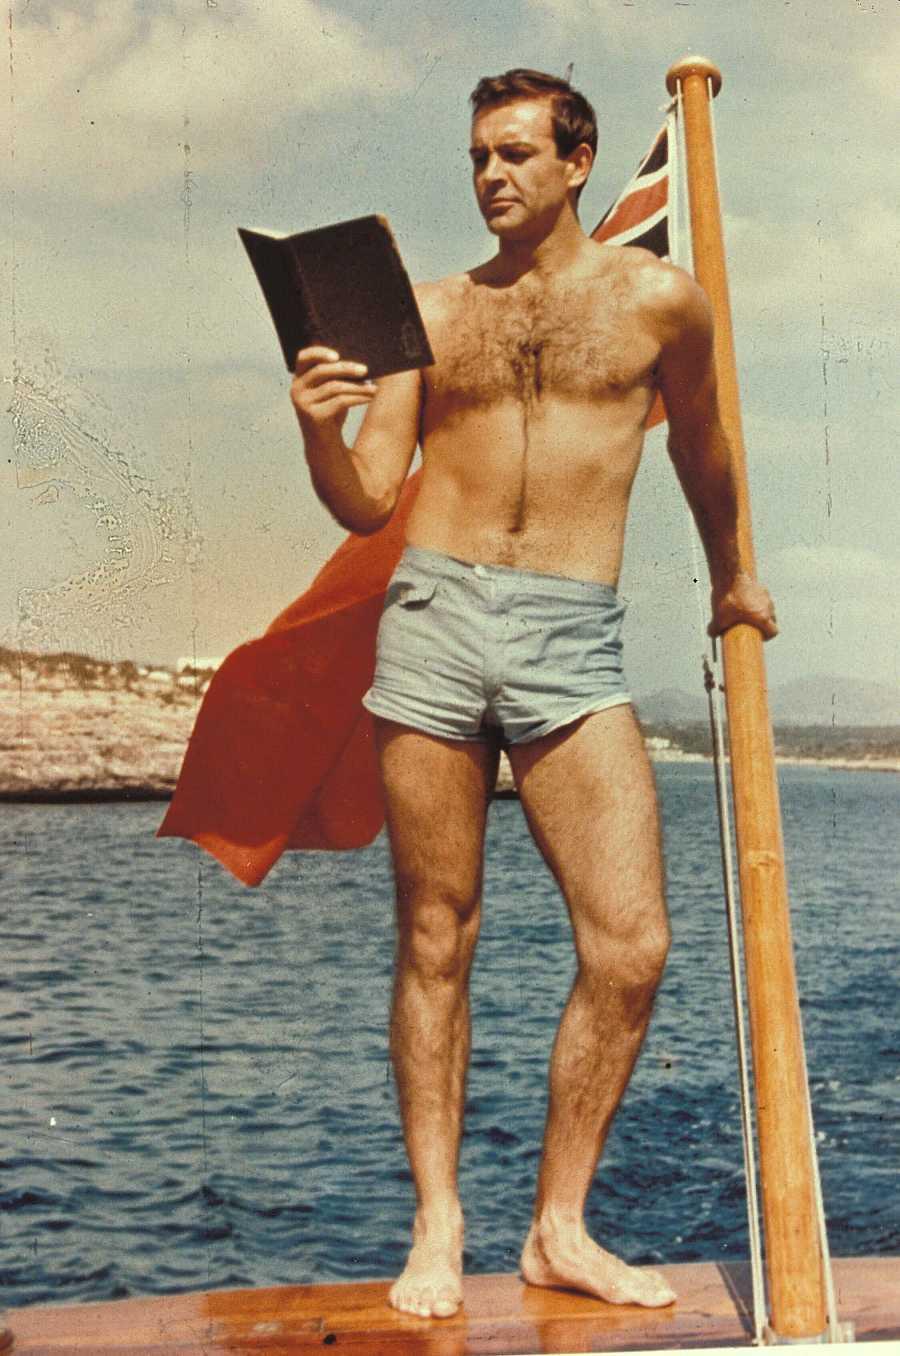 Posado de Sean Connery en la década de 1960